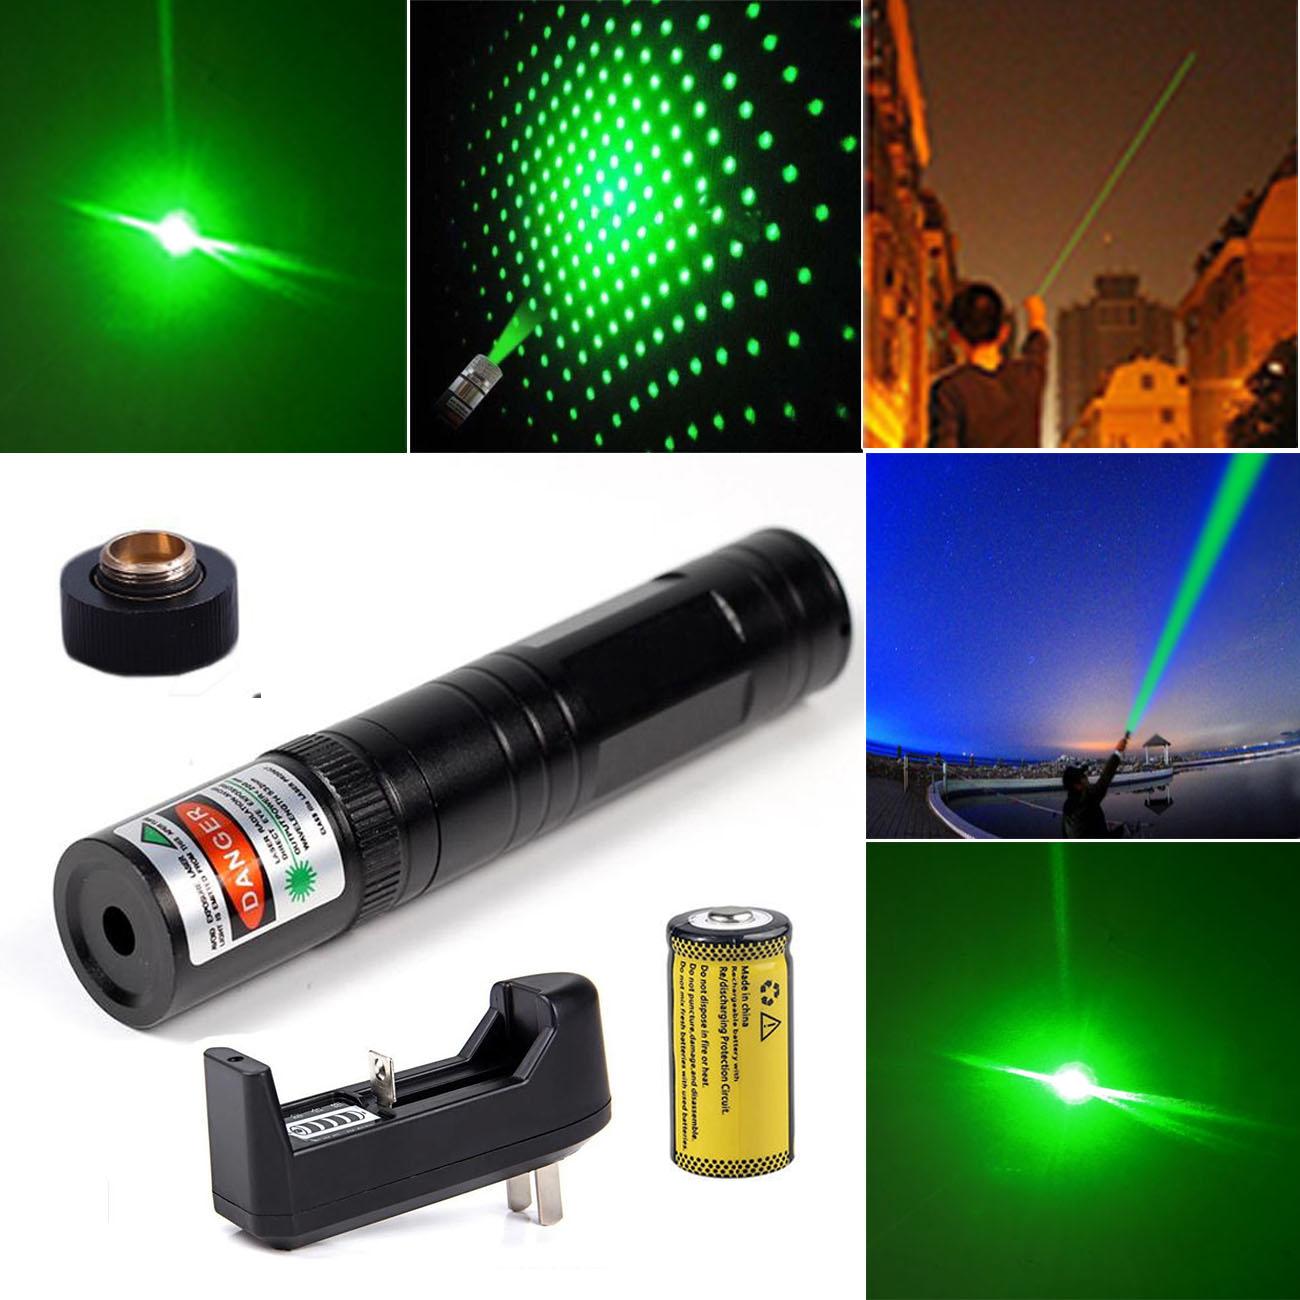 1 x 532nm Green Visible Beam Light Tactical Teacher Pointer pen &Battery